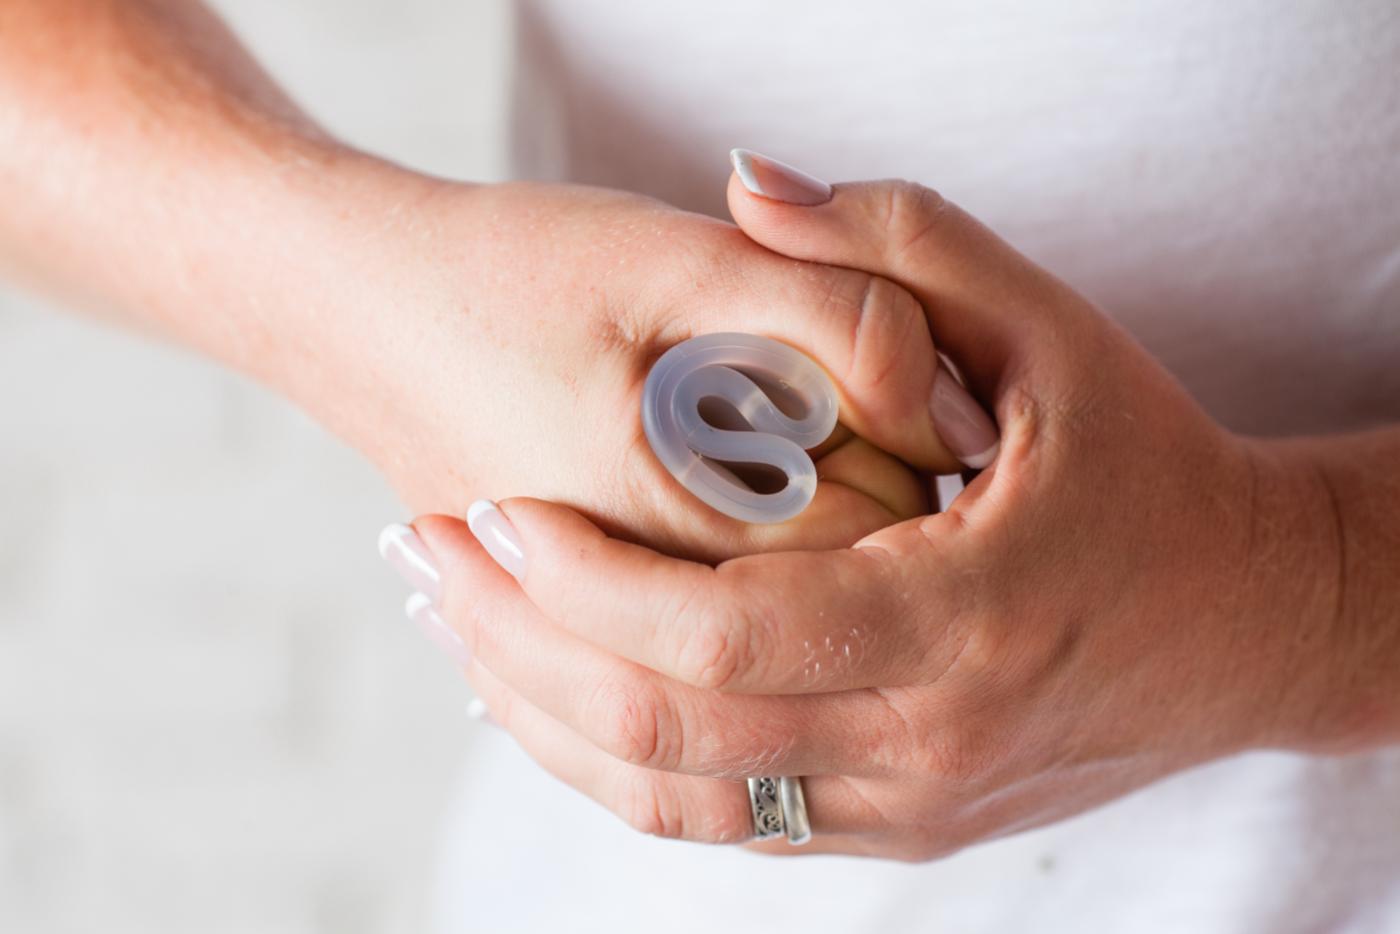 hogyan kell helyesen használni a pénisz hüvelyt